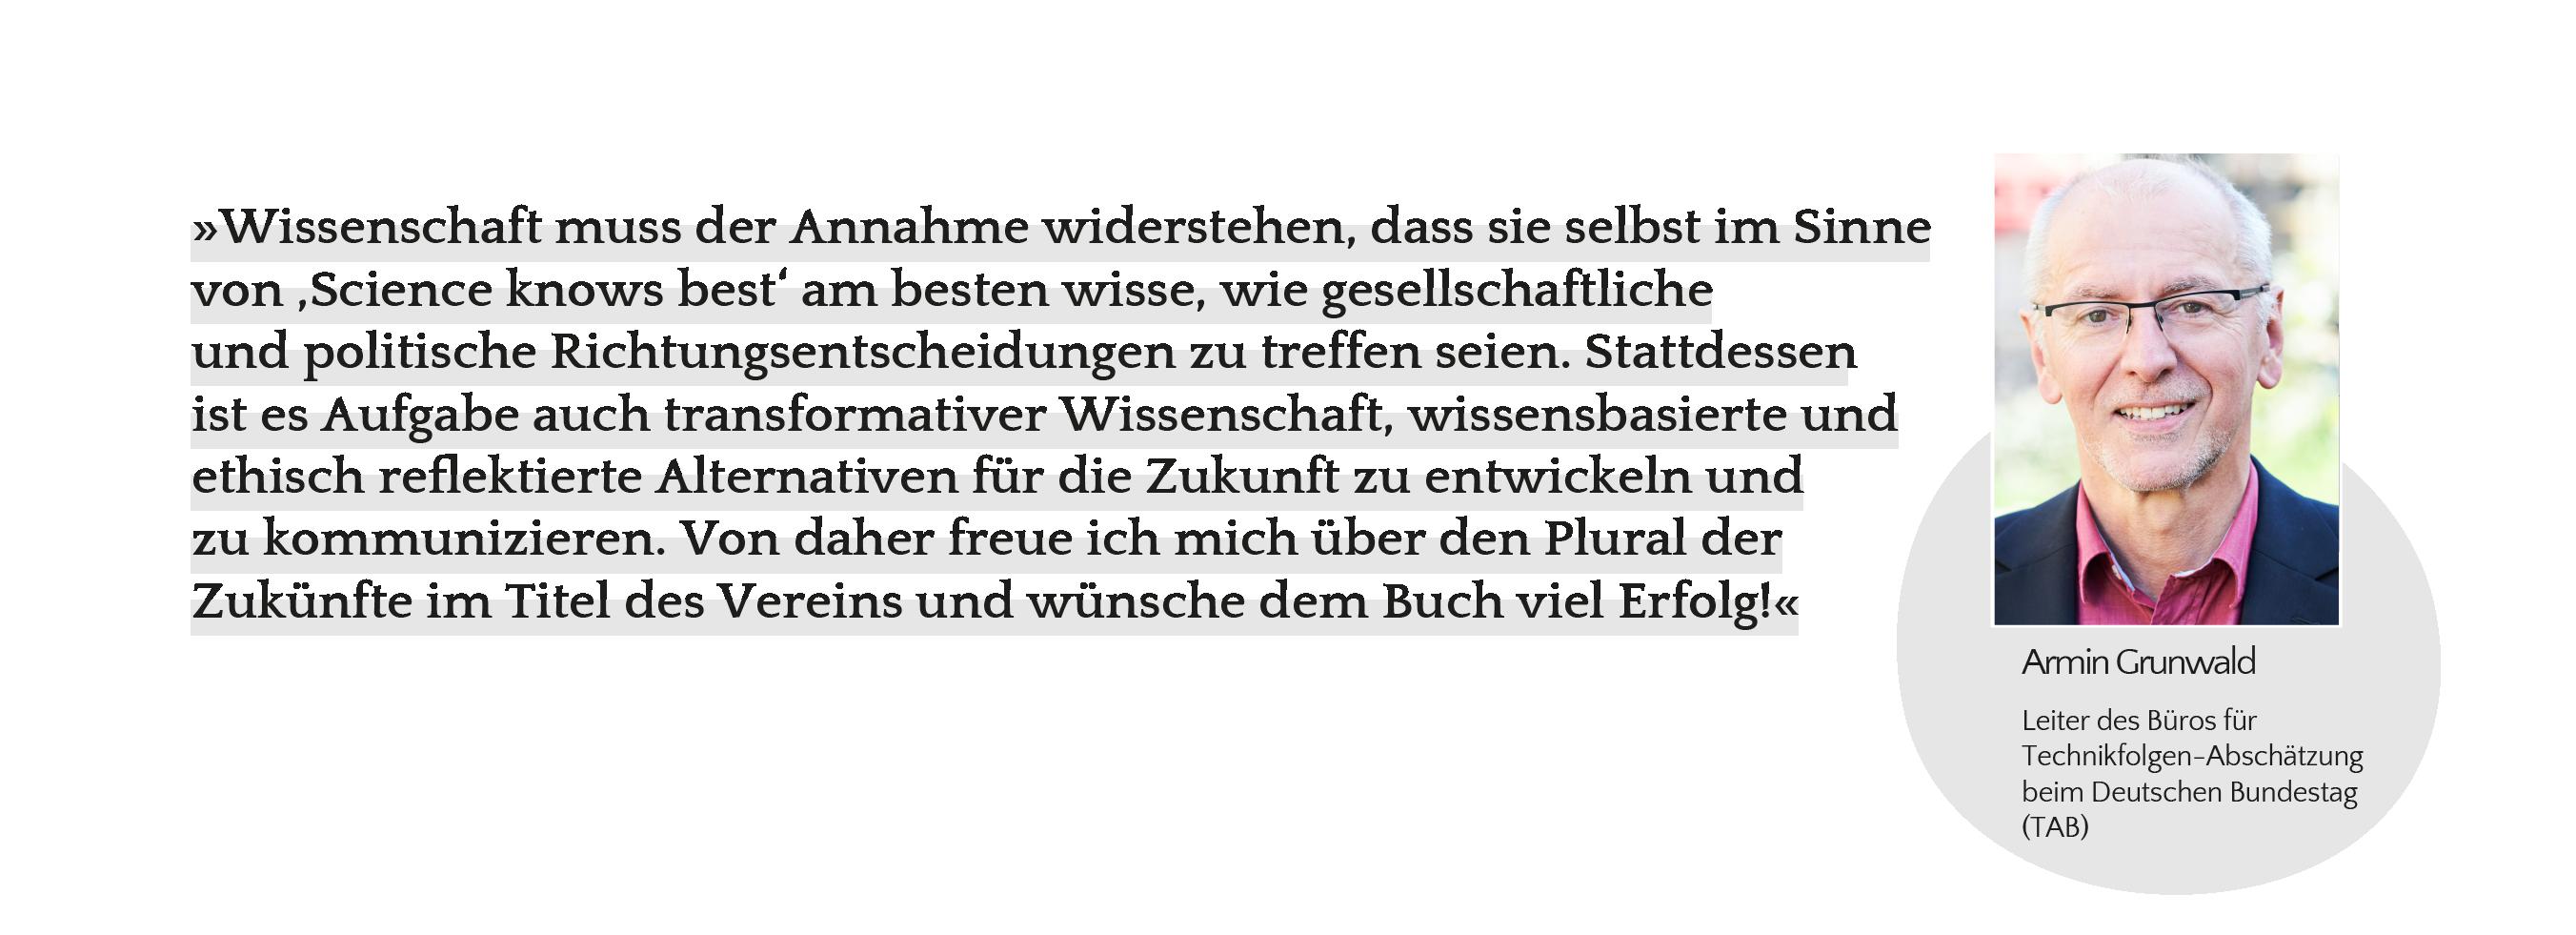 Statement_Armin Grunwald